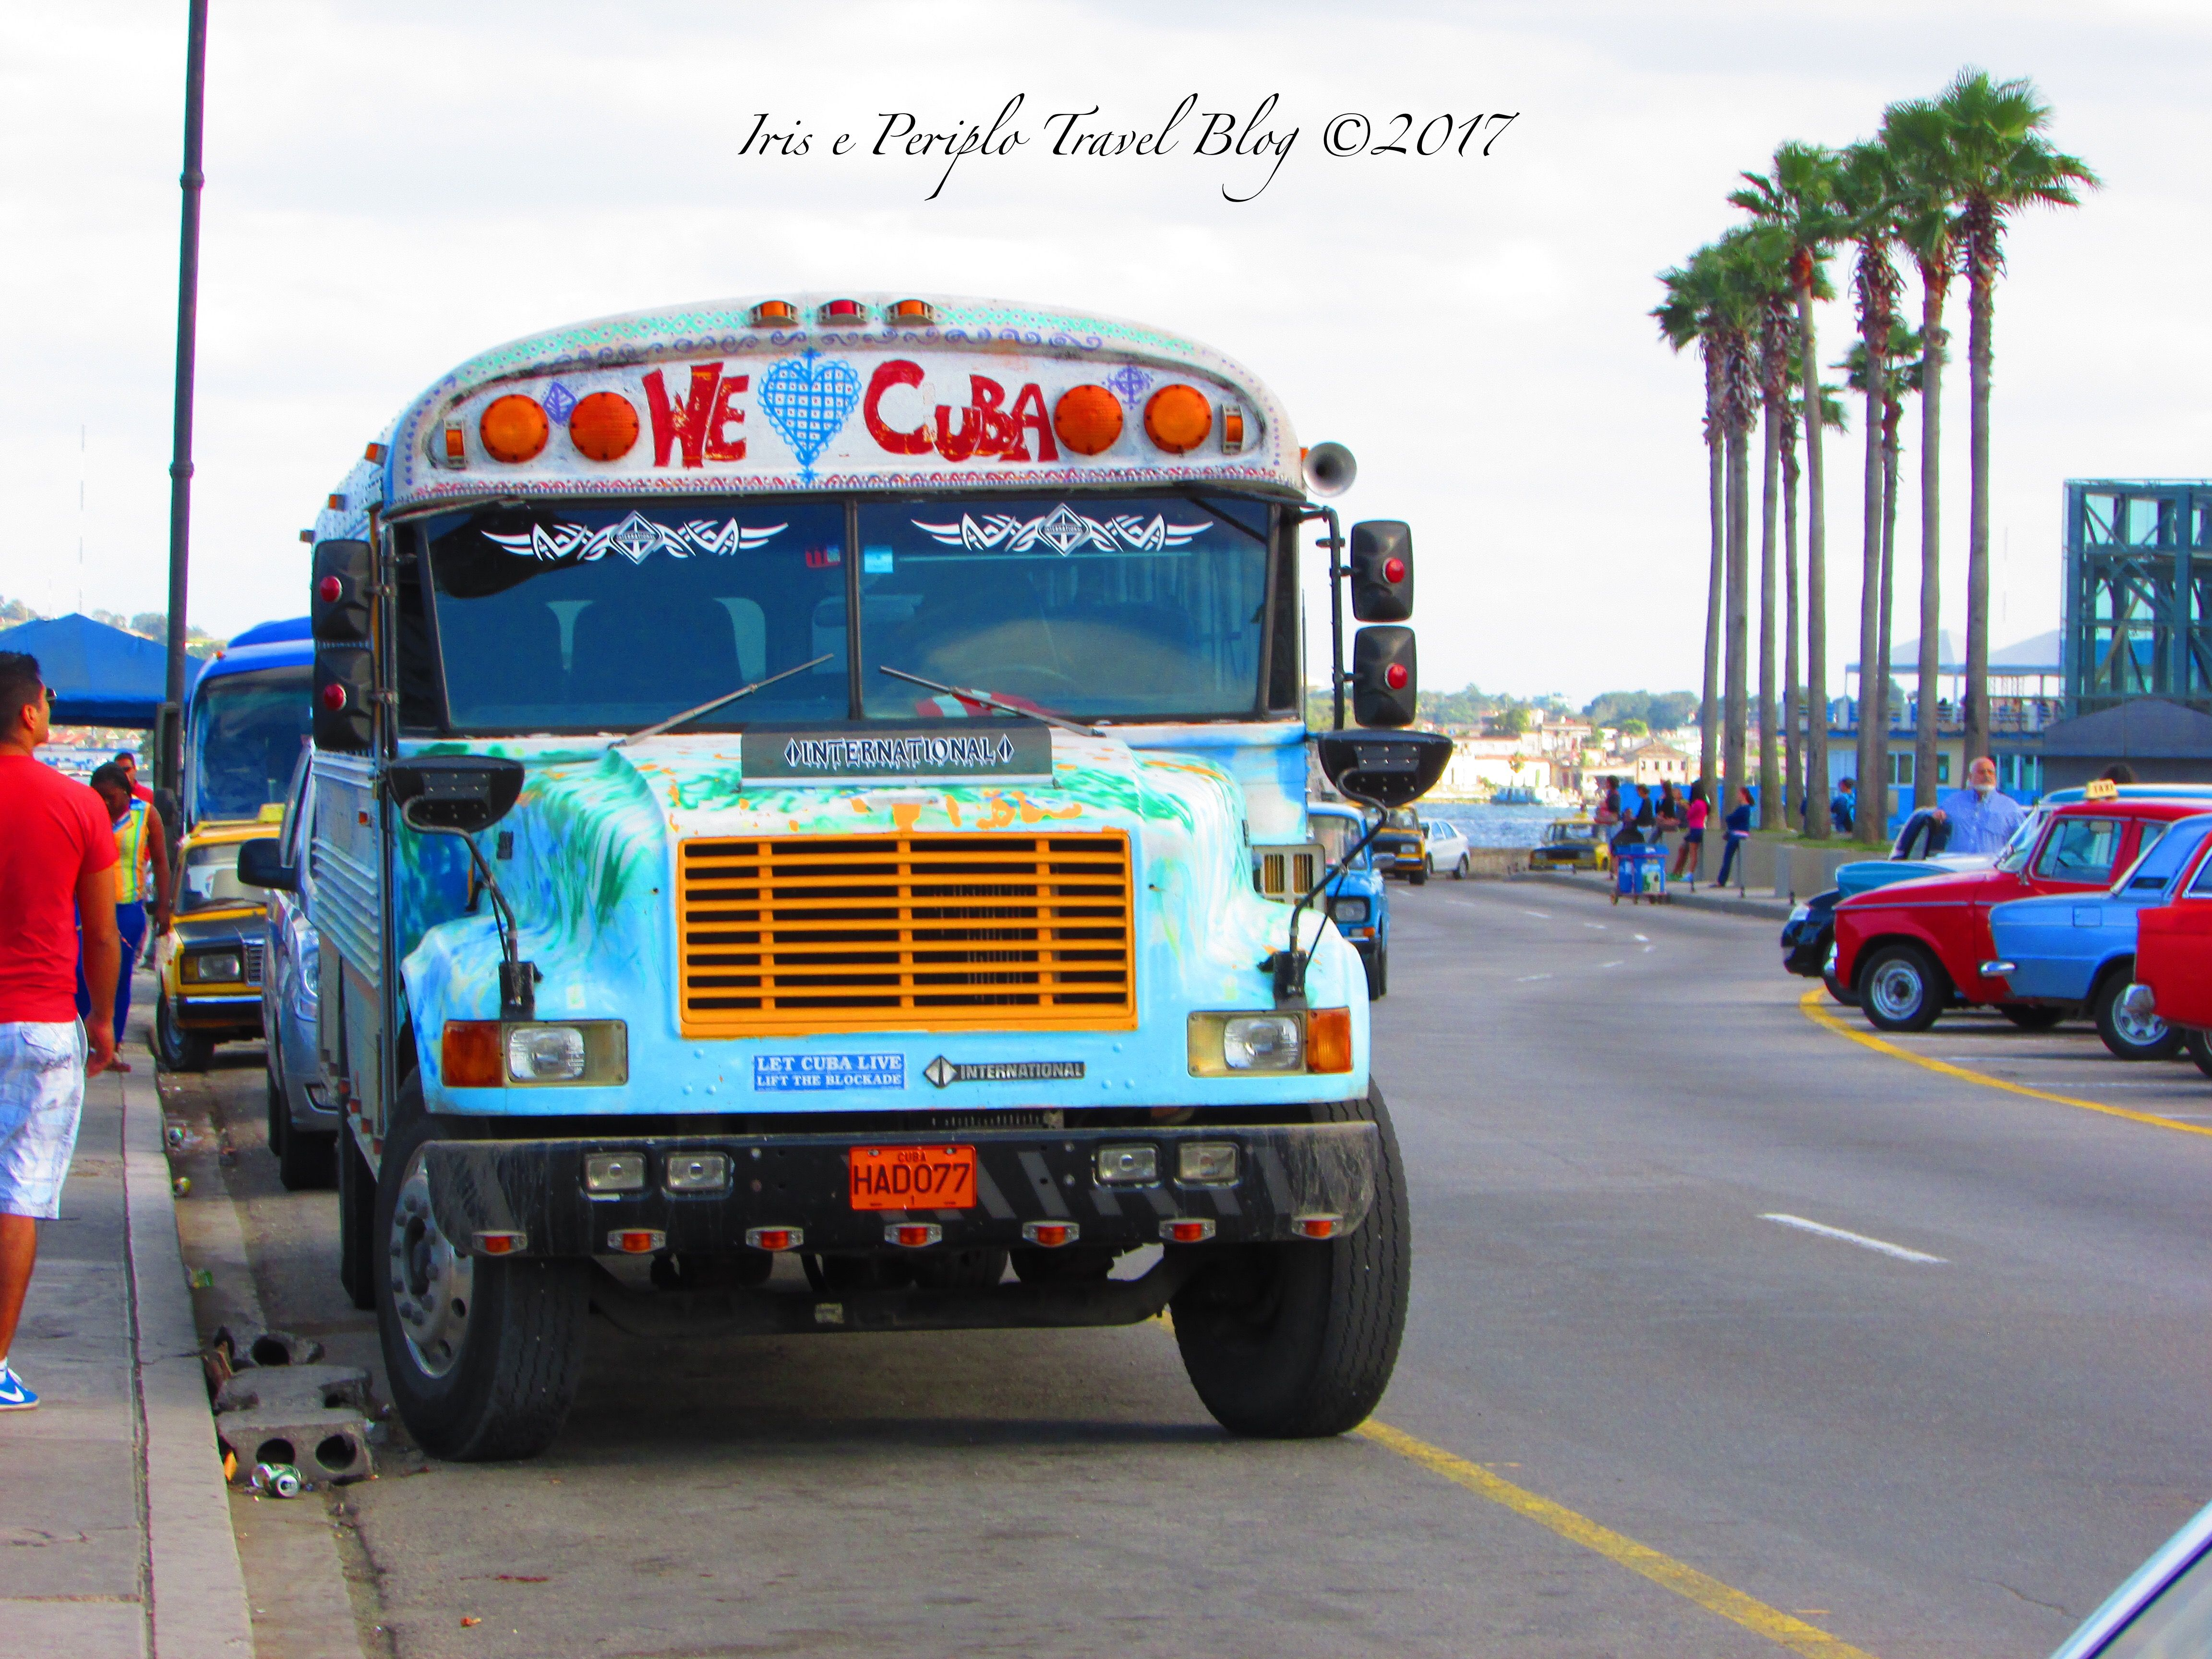 Pin Di Iriseperiplotravel Su I Nostri Viaggi Cuba Con